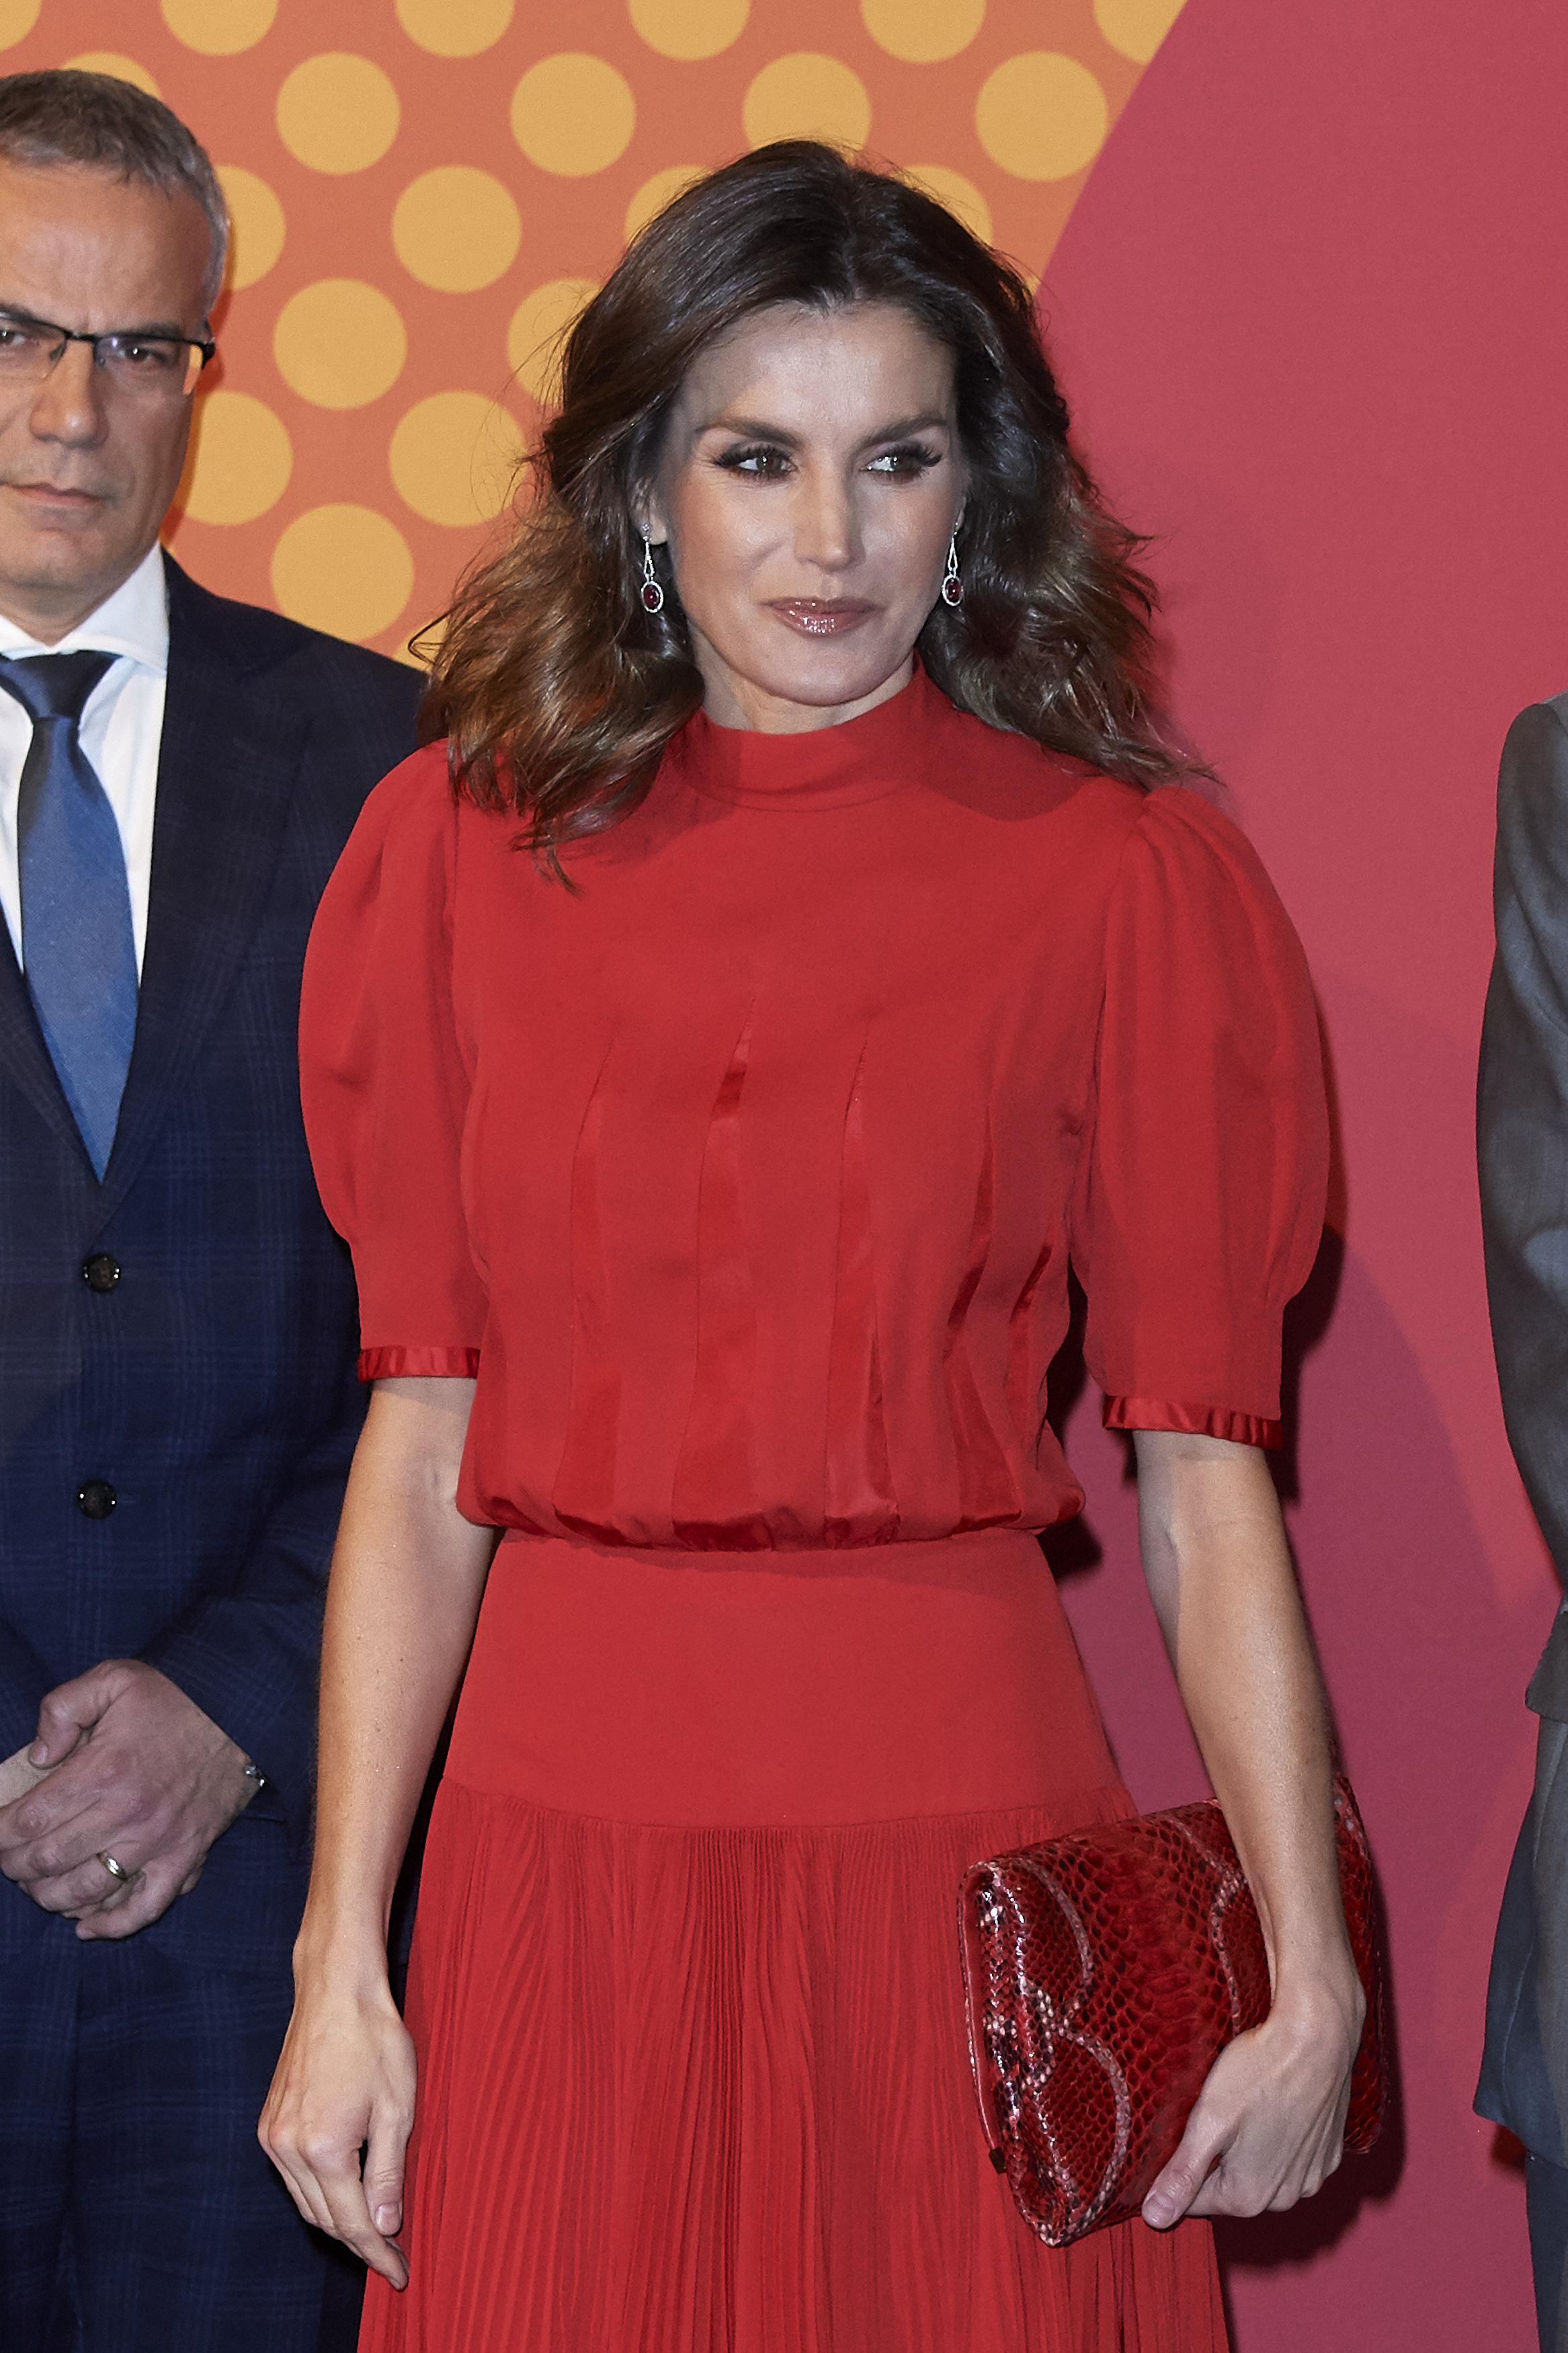 Испанската кралица Летисия е известна със своя елегантен стил и красота.